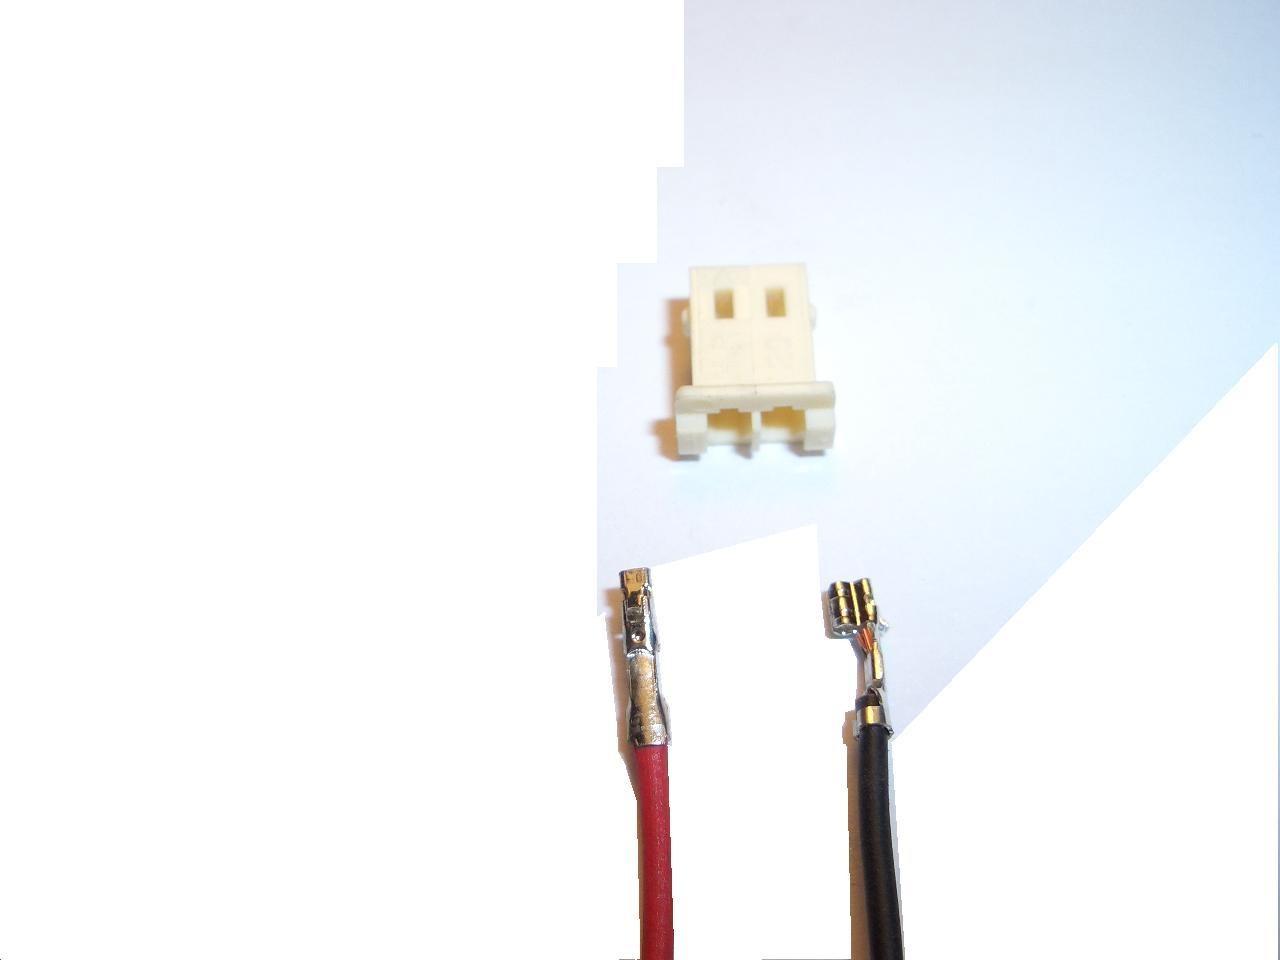 10 fili aggraffati con contatto Molex minispox 5103 (passo 2,5)